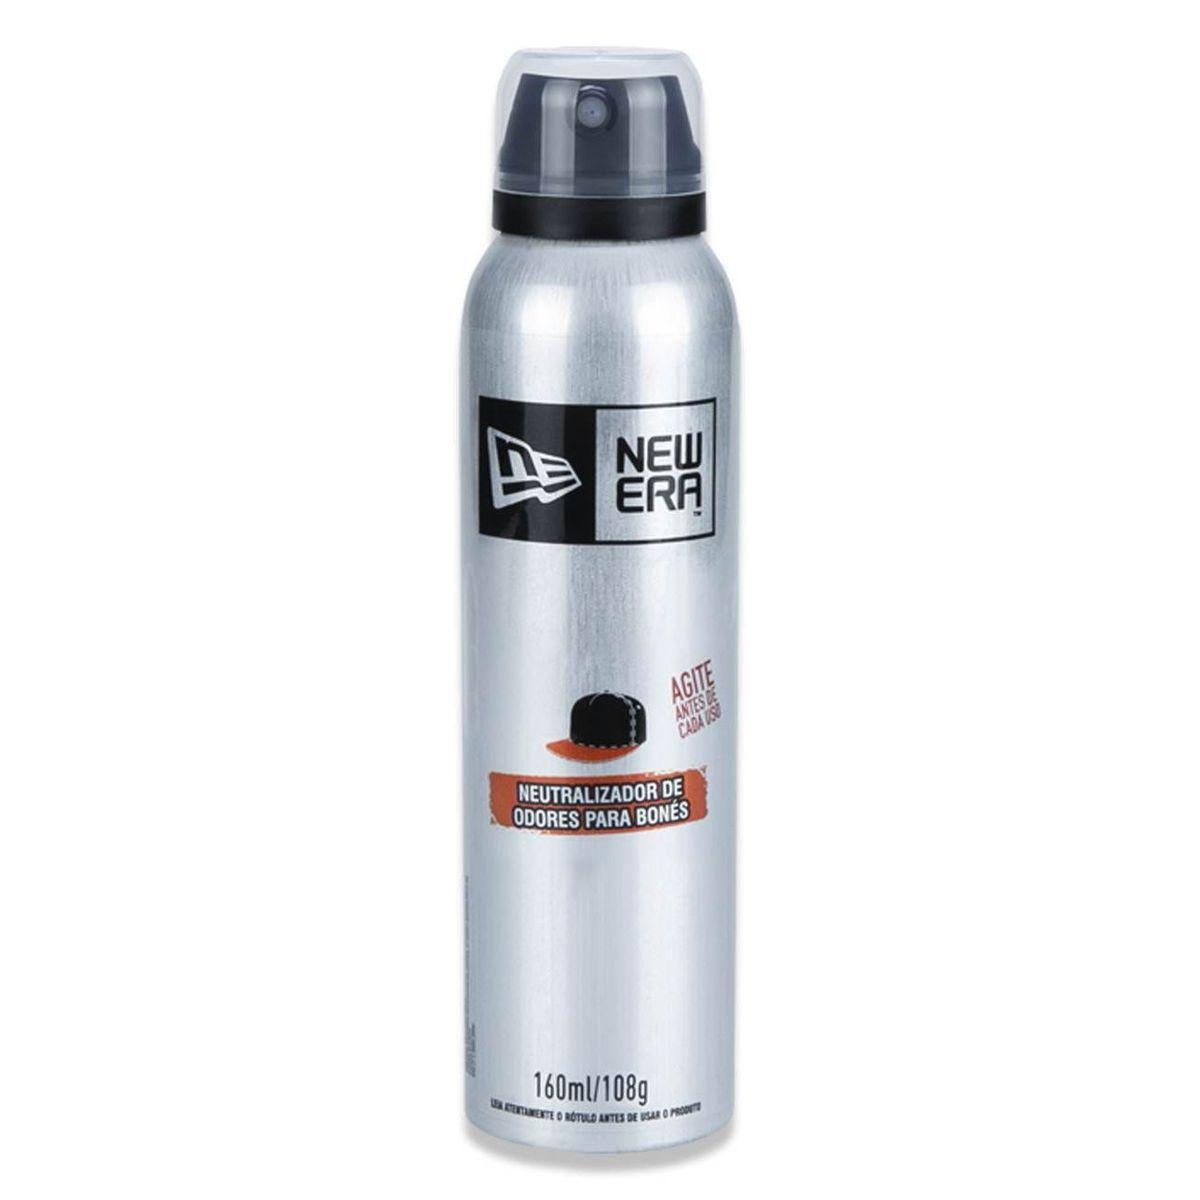 Removedor Odores e Bacterias de Bonés